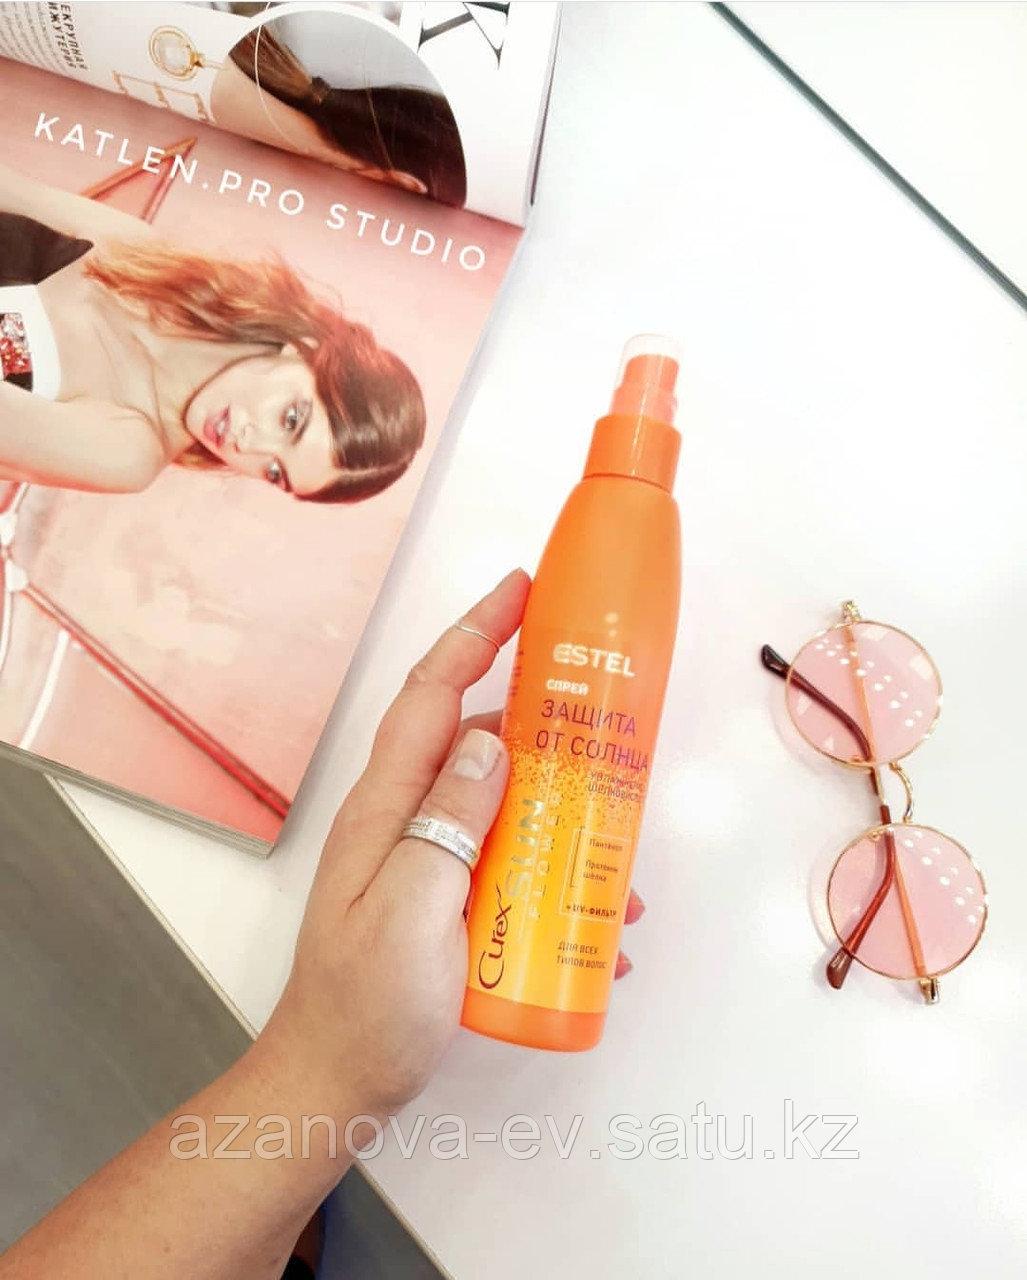 Estel, Шампунь CUREX SUN FLOWER с UV-фильтром для всех типов волос, 300 мл